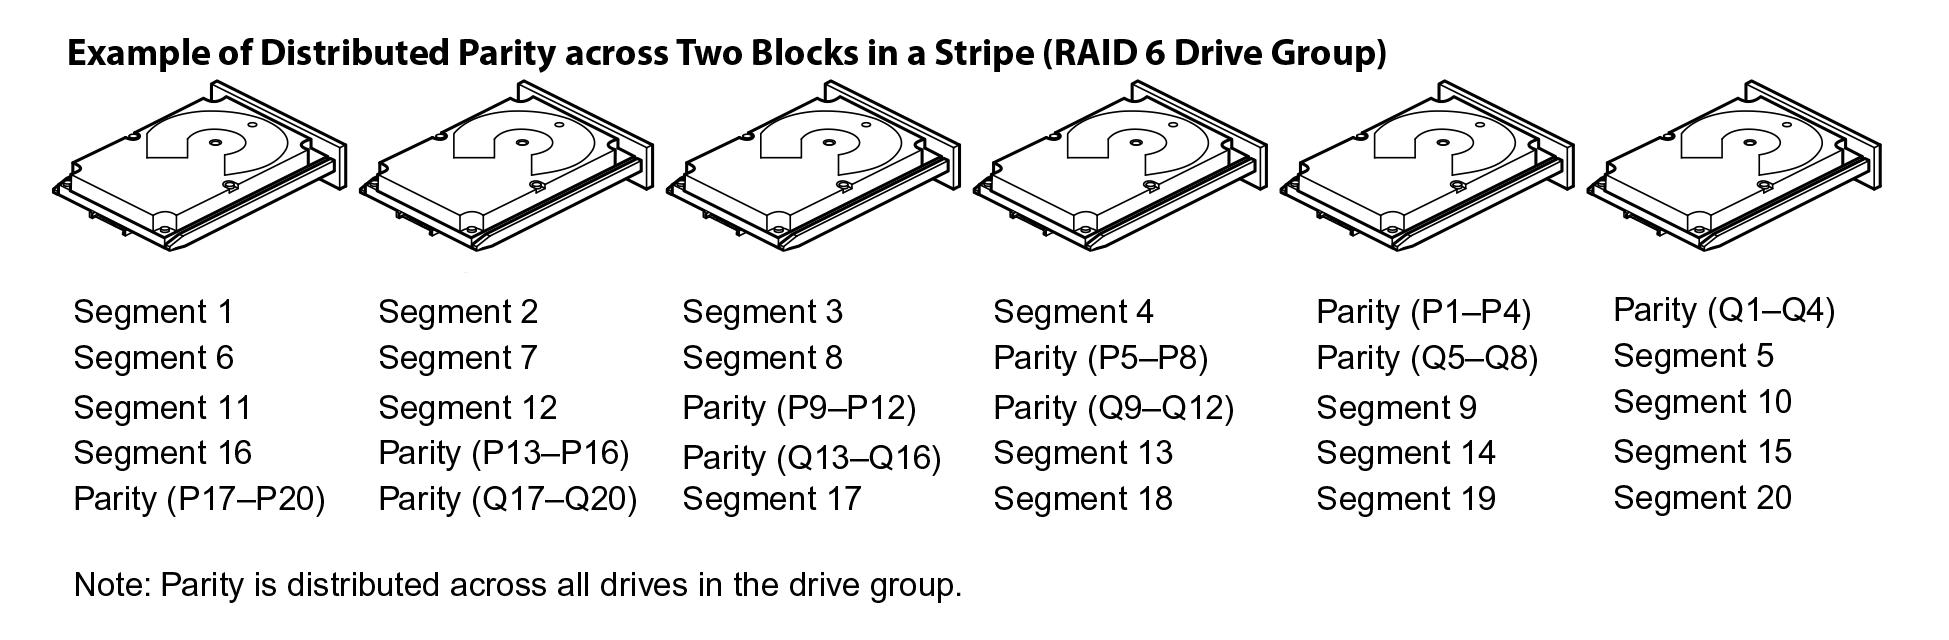 Делимся опытом, как показывают себя SSD в рамках RAID и какой уровень массива выгоднее - 10